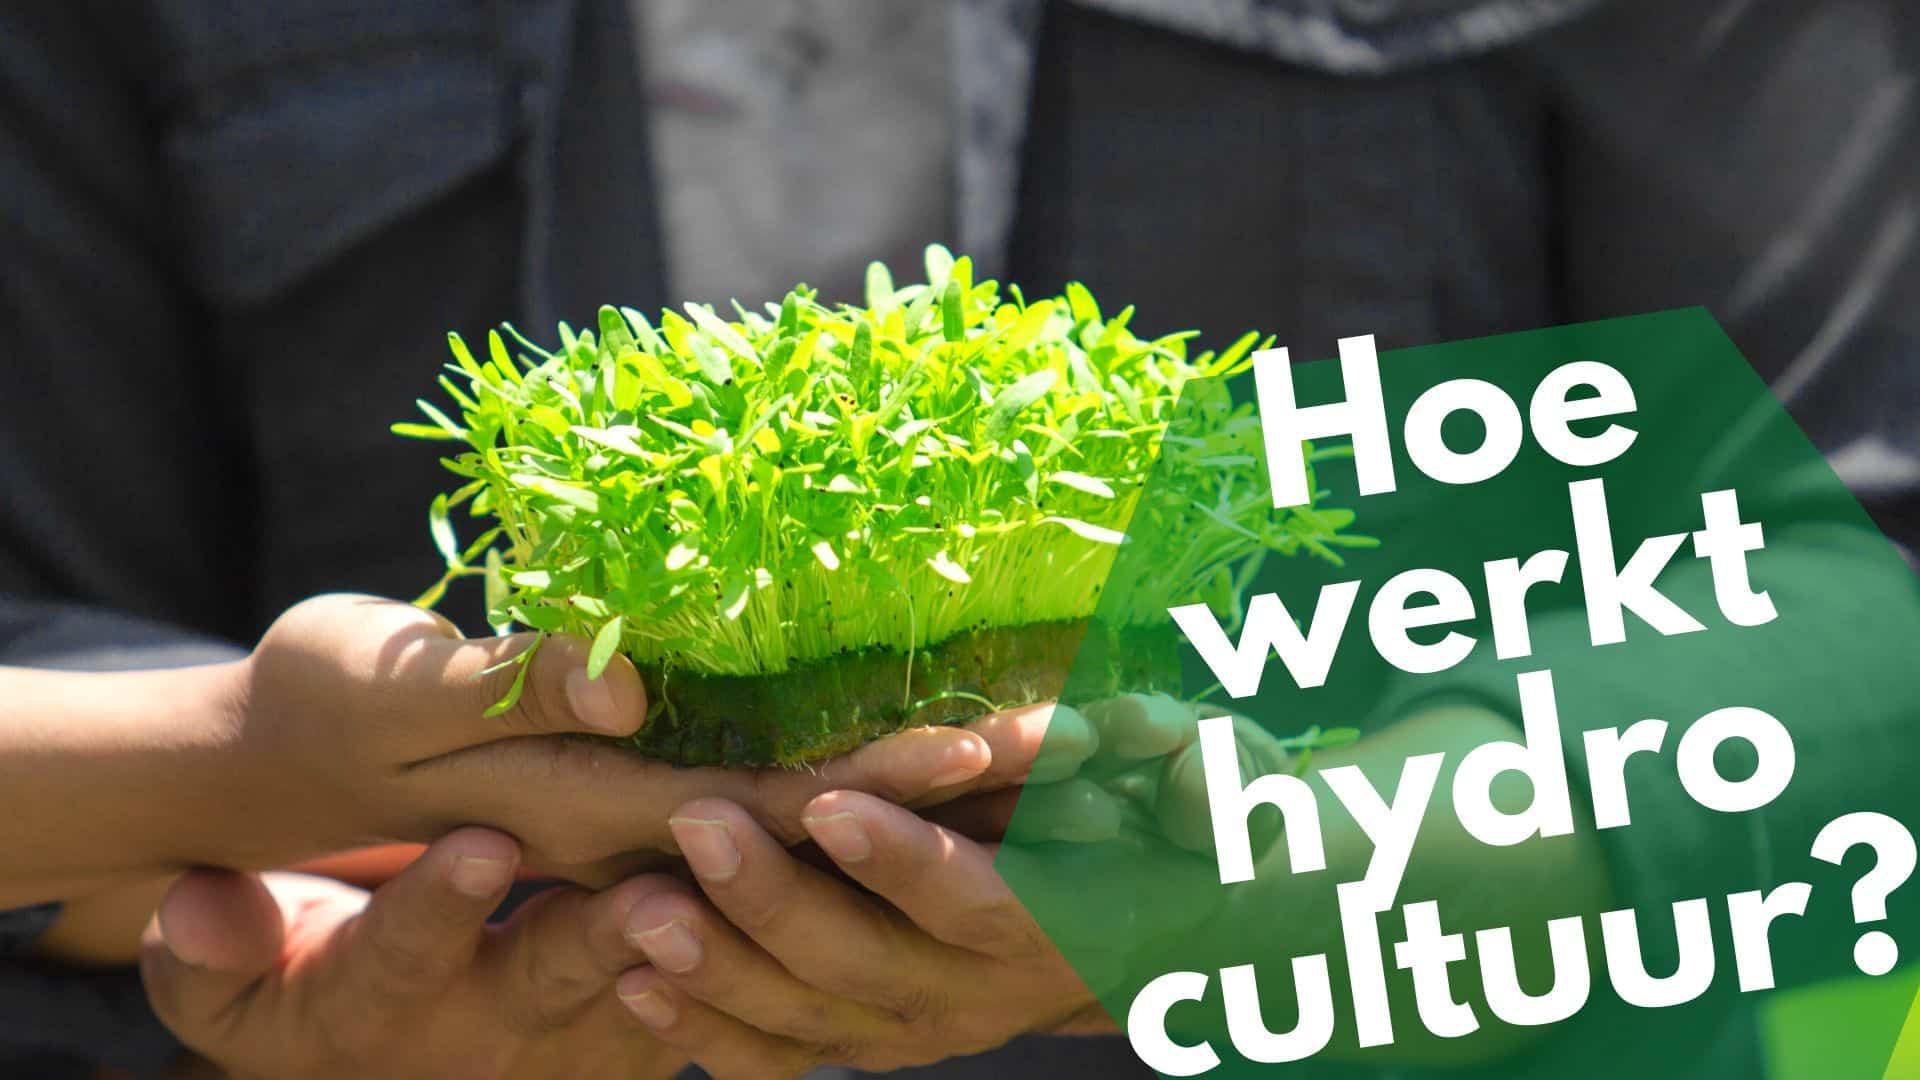 Hoe werkt hydrocultuur